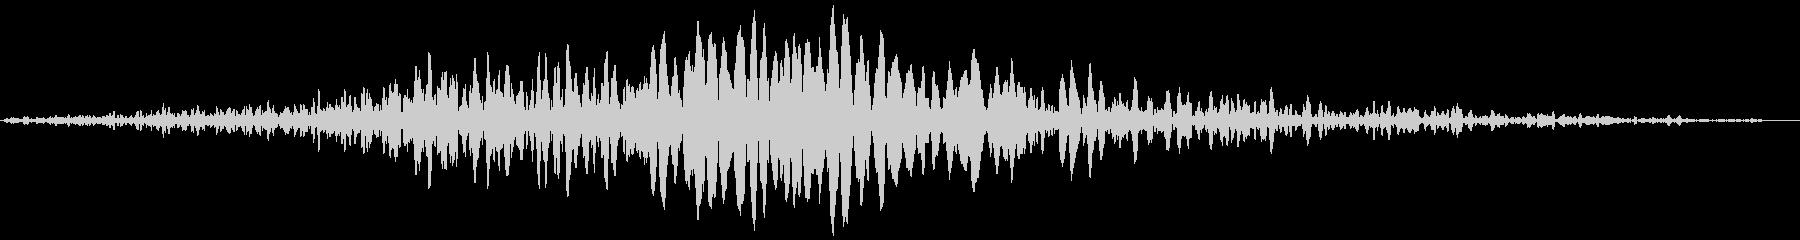 ドラゴンファイヤーウーッシュウィズ...の未再生の波形